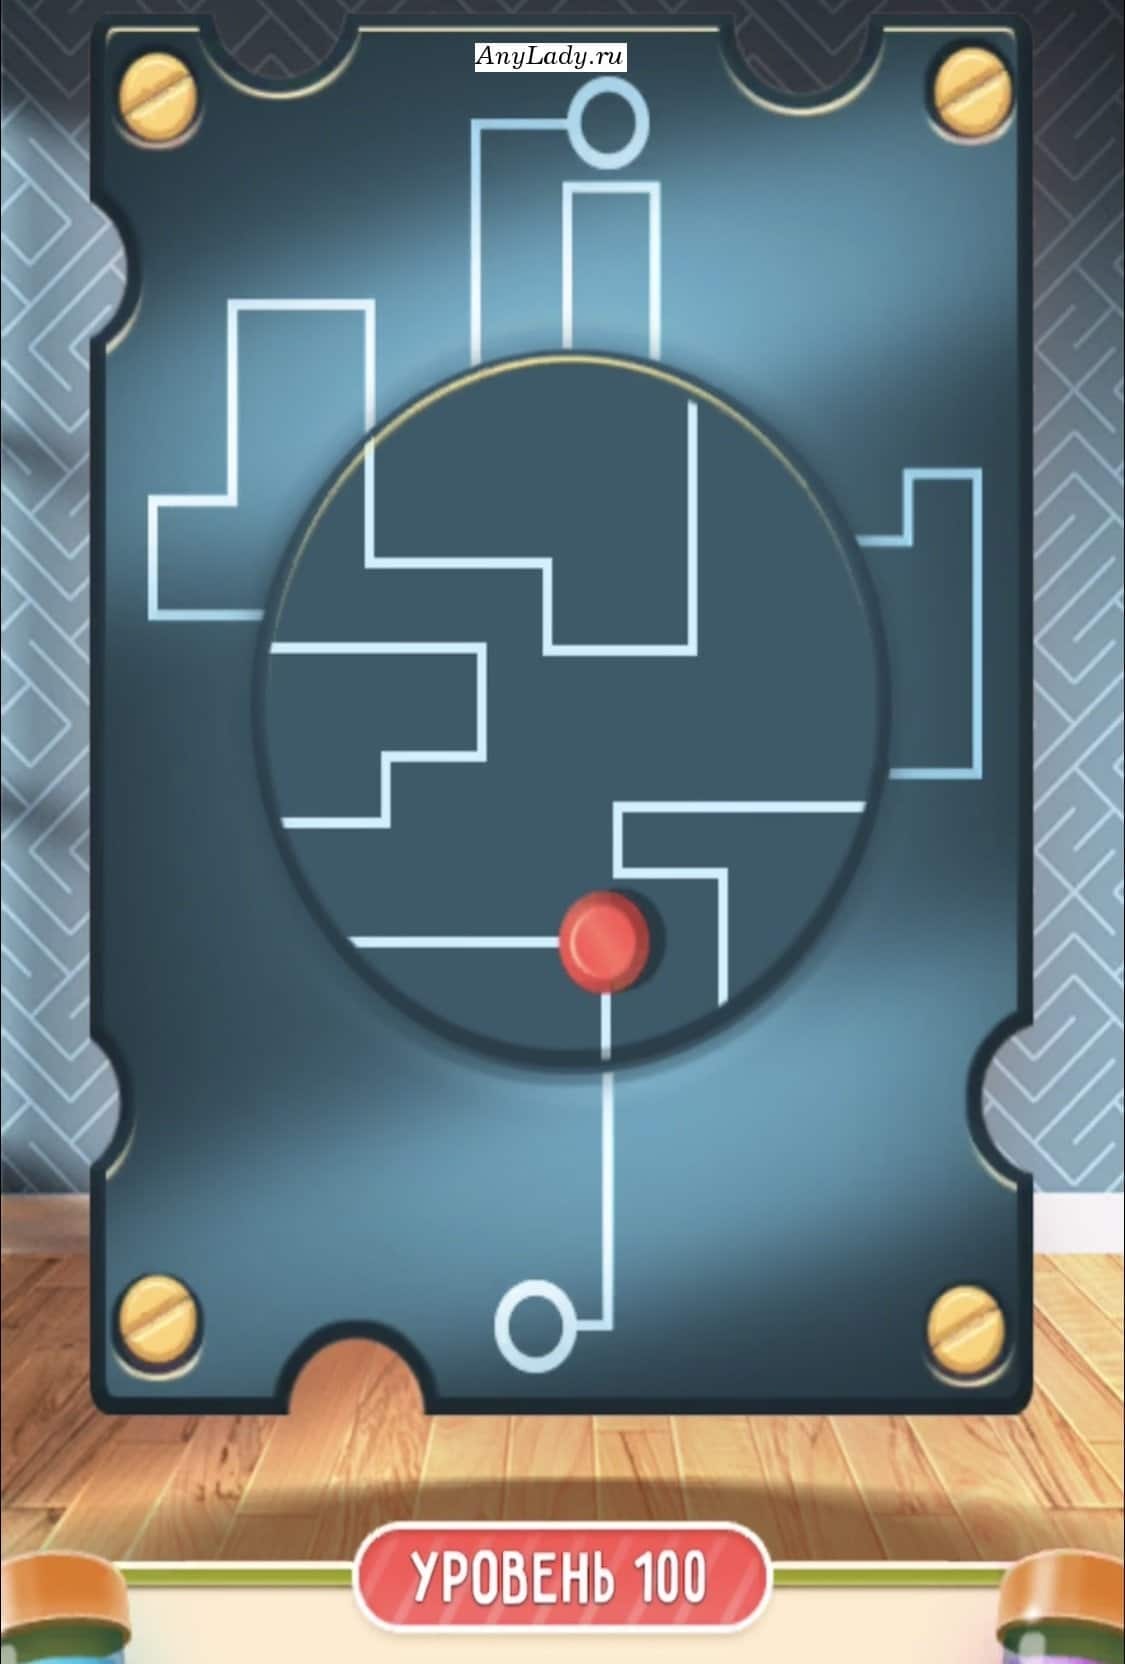 Перед Вами схема с красной кнопкой, необходимо кнопку переместить из верхней точки в нижнюю, перемещая по пути круг, Важно перед началом обновите уровень, перед: